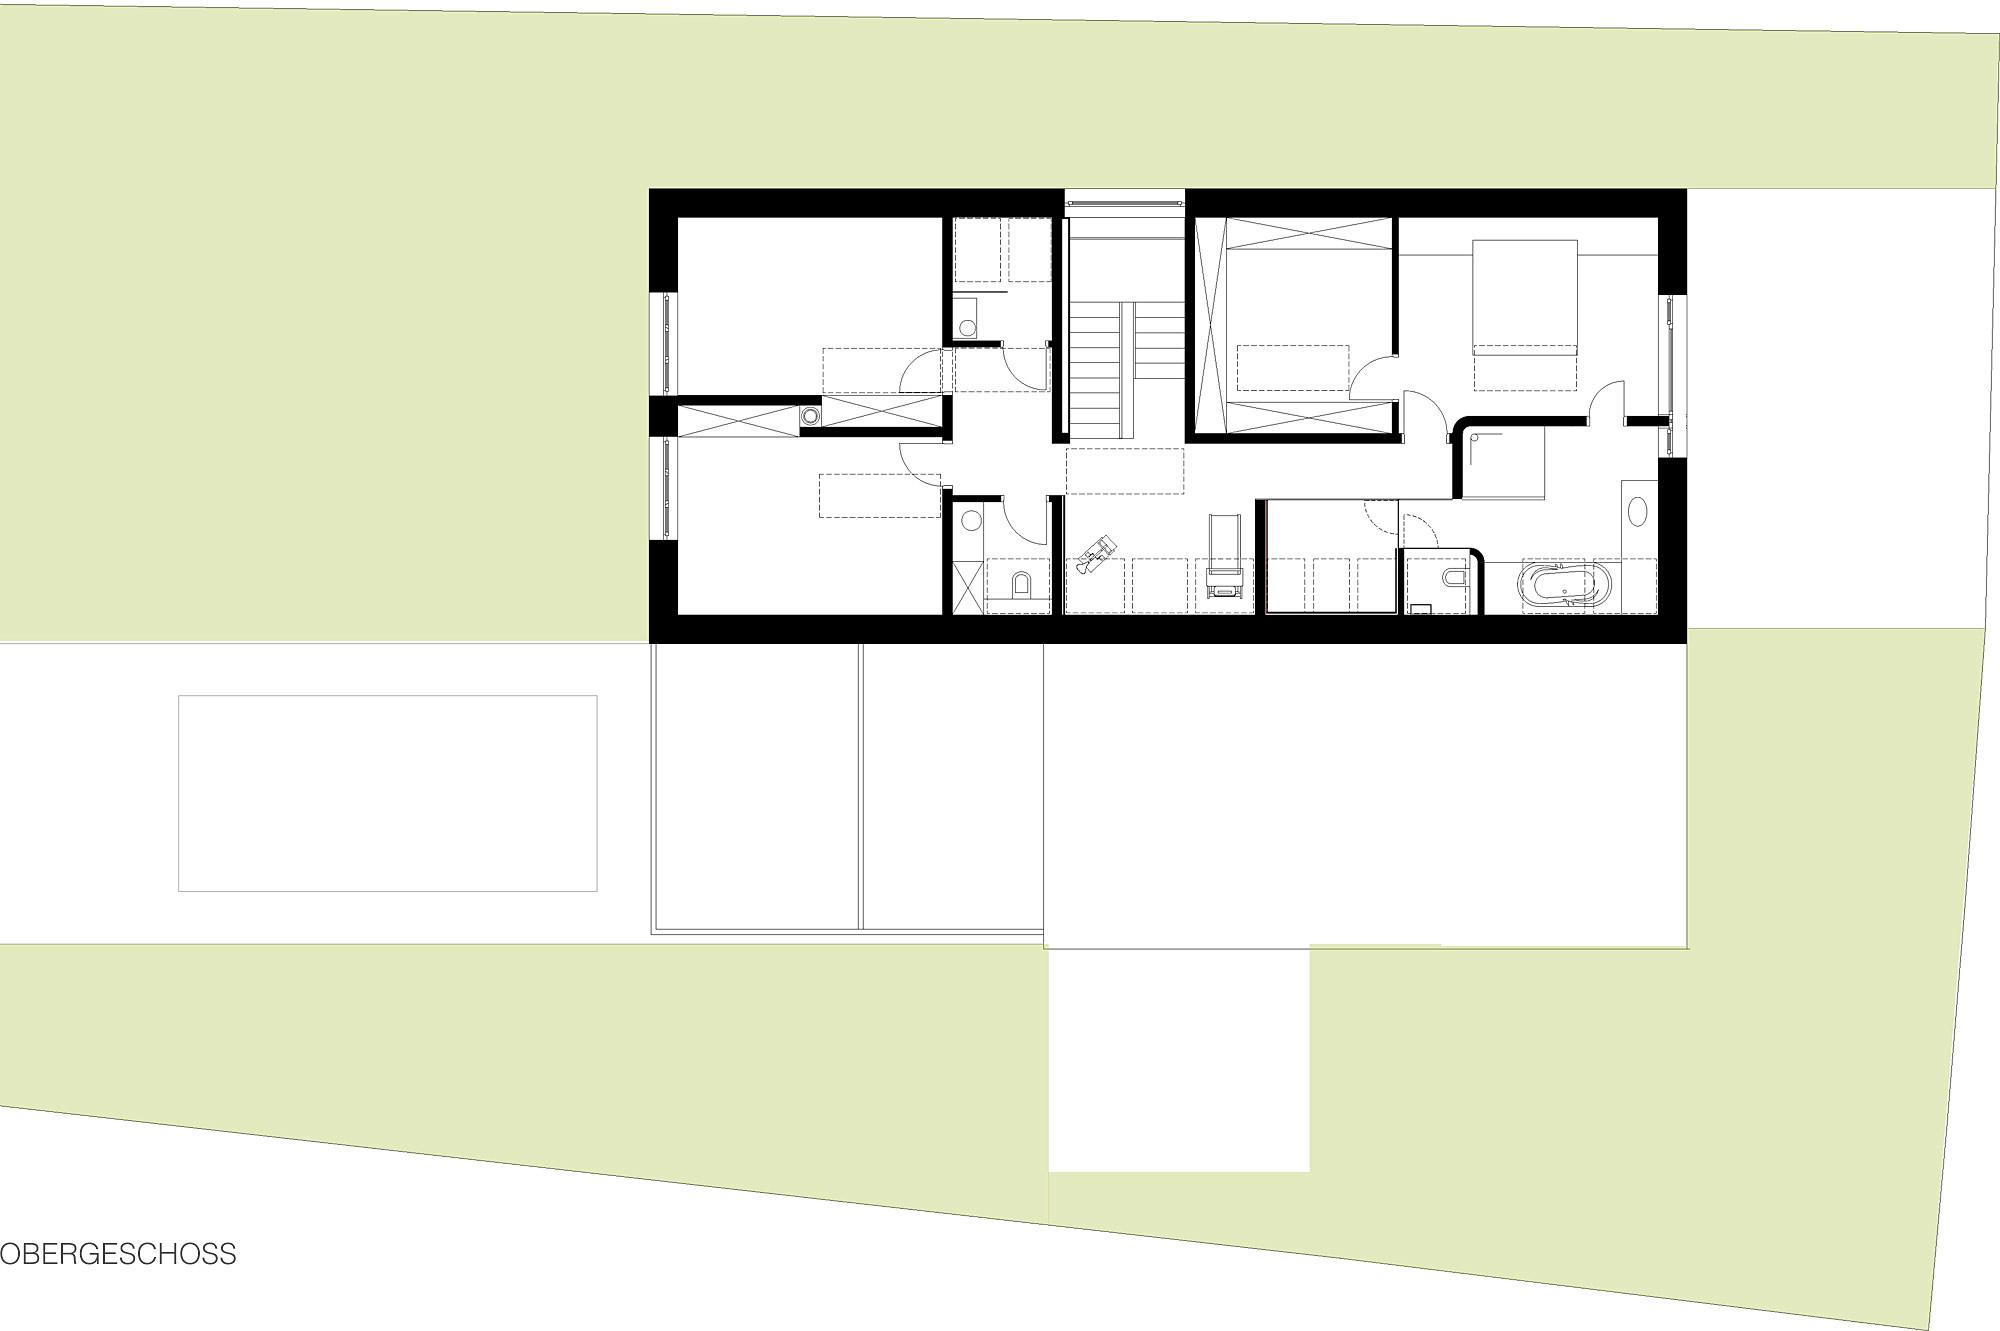 haus_H_06_einfamilienhaus_in_gaaden_niederoesterreich_junger_beer_architektur